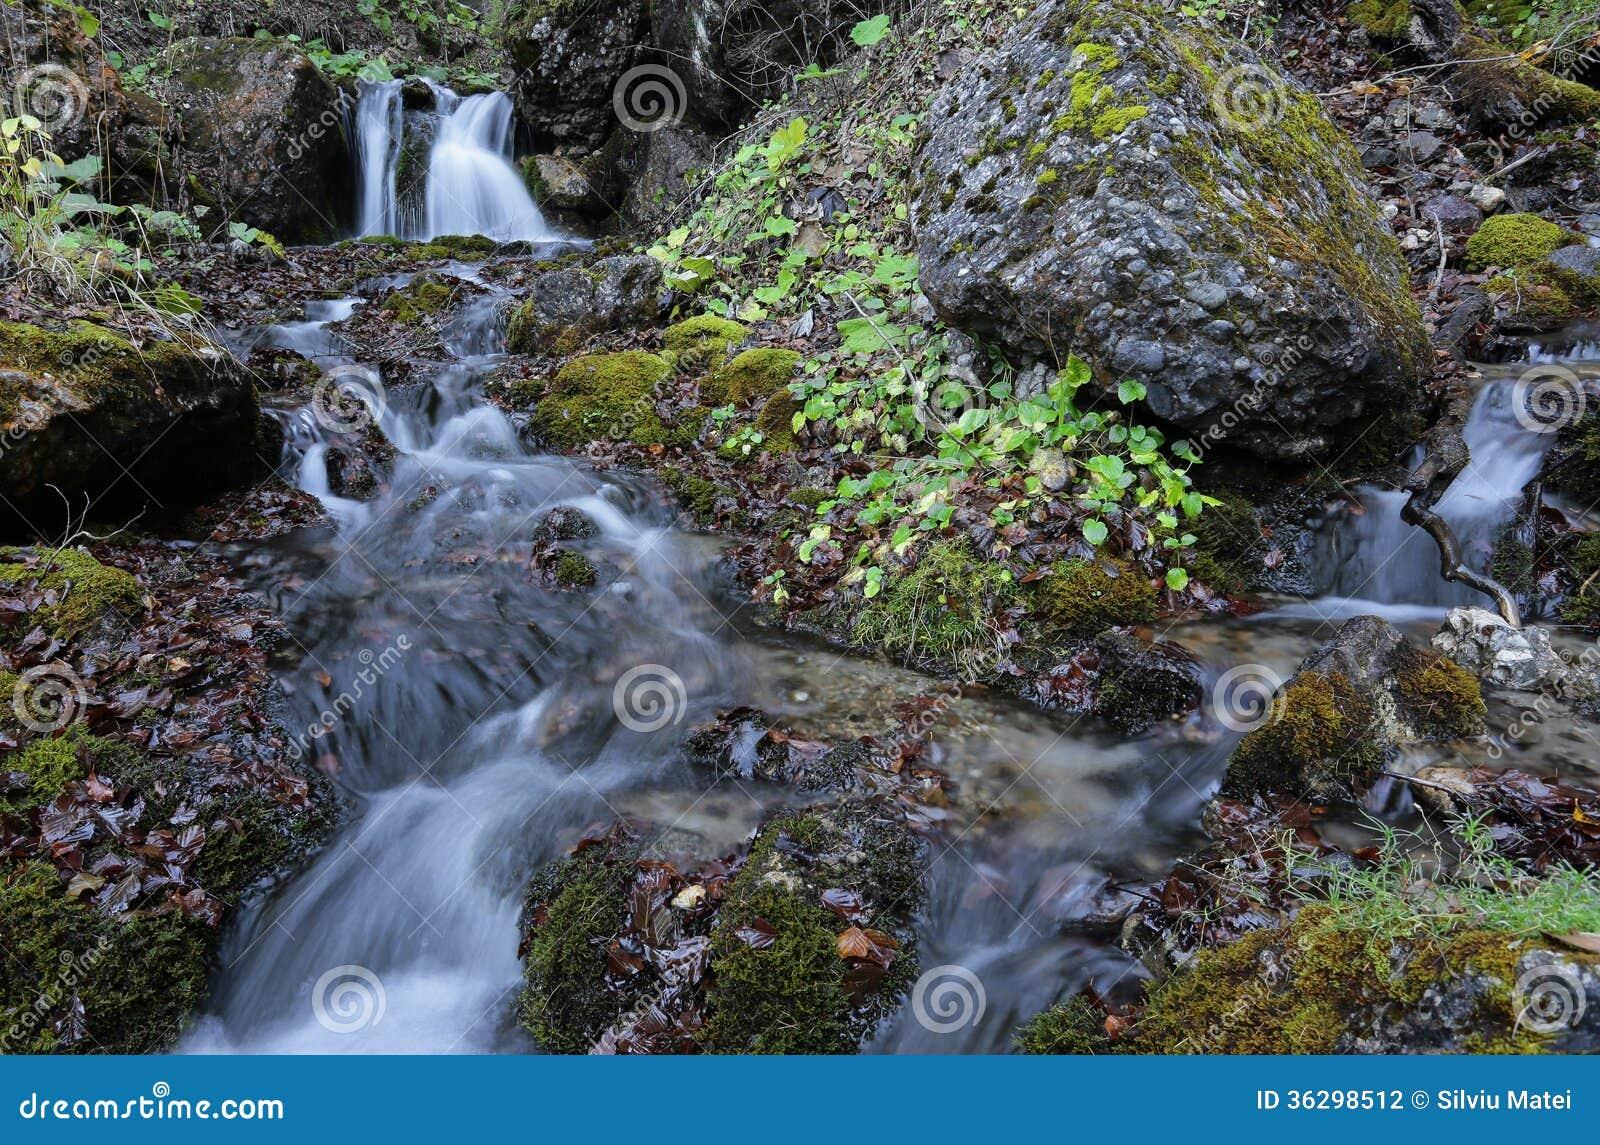 description mountain river natural - photo #15